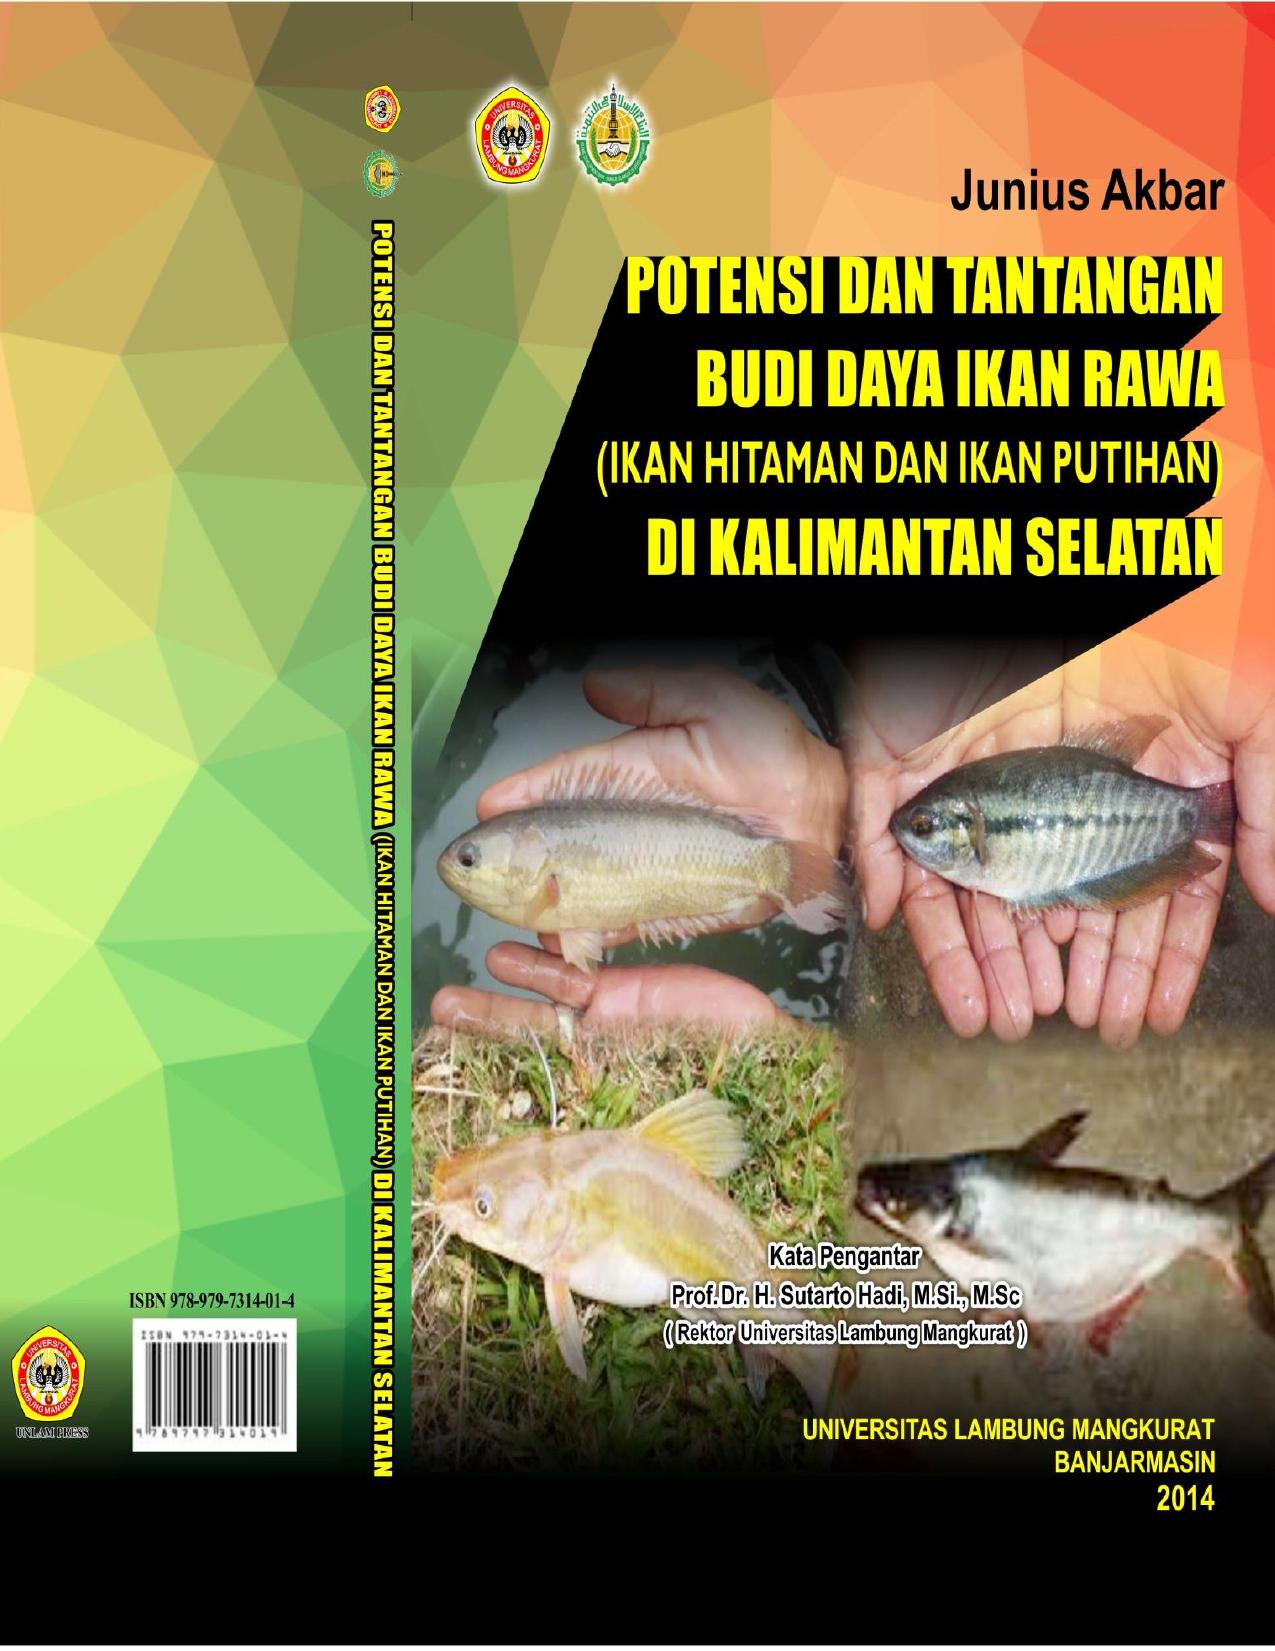 Potensi Dan Tantangan Budi Daya Ikan Rawa